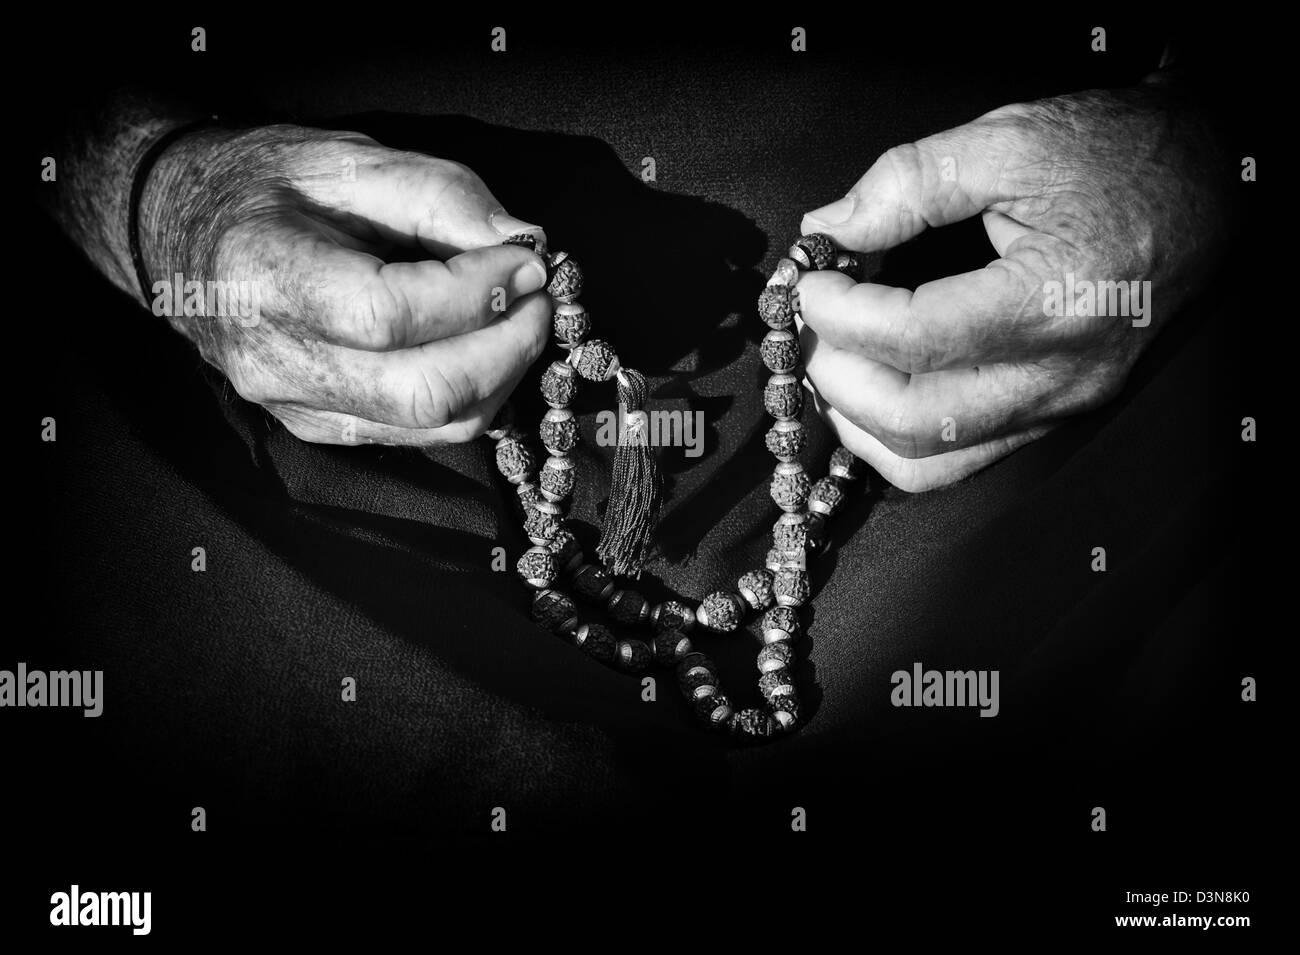 Old mans Händen mit indischen Rudraksha / Japa Mala Gebetskette. Monochrom Stockfoto